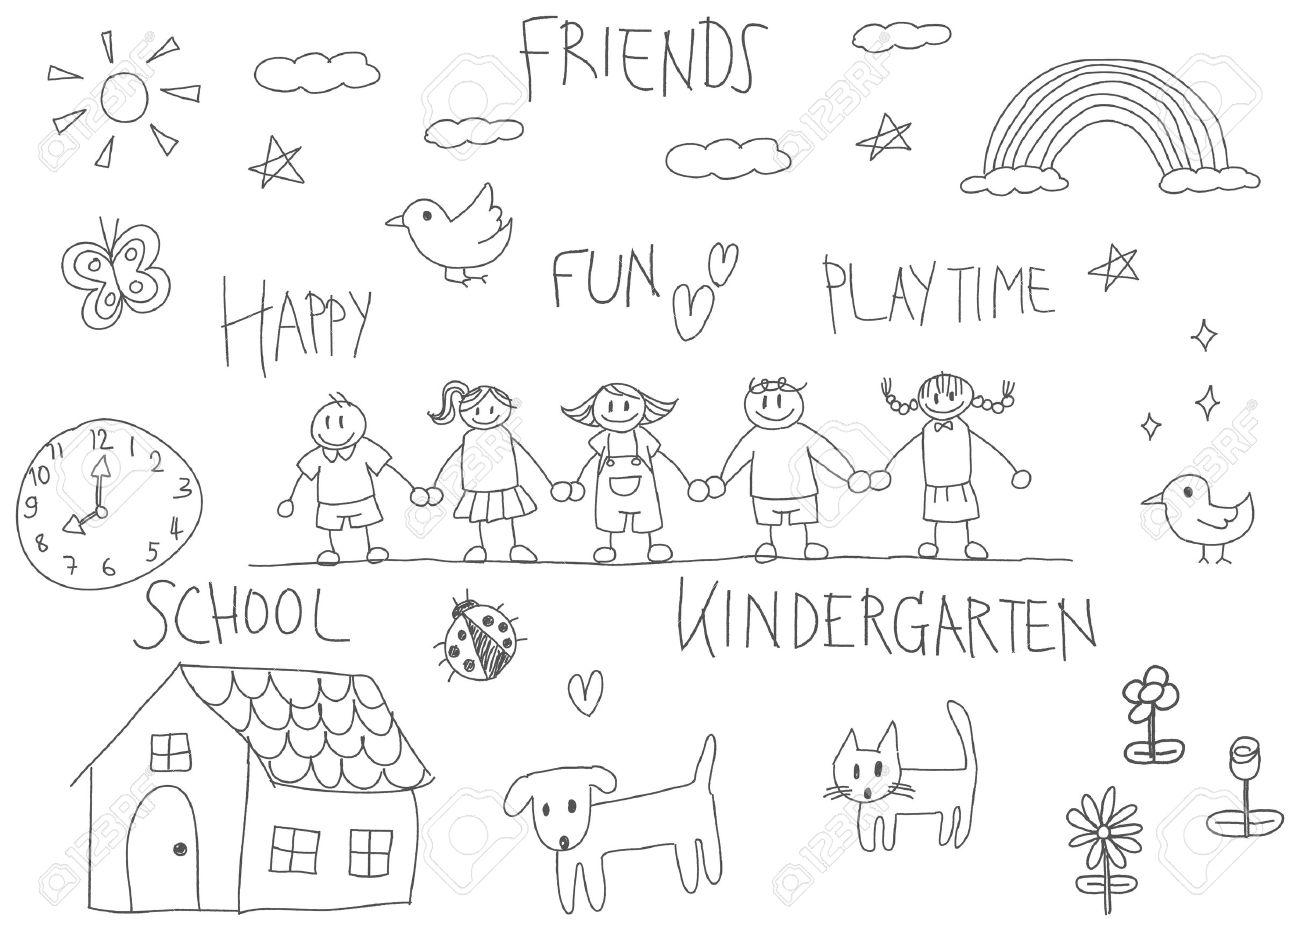 Kindergarten Los Niños Lápiz Dibujo Del Doodle De Un Entorno Amigo Y ...